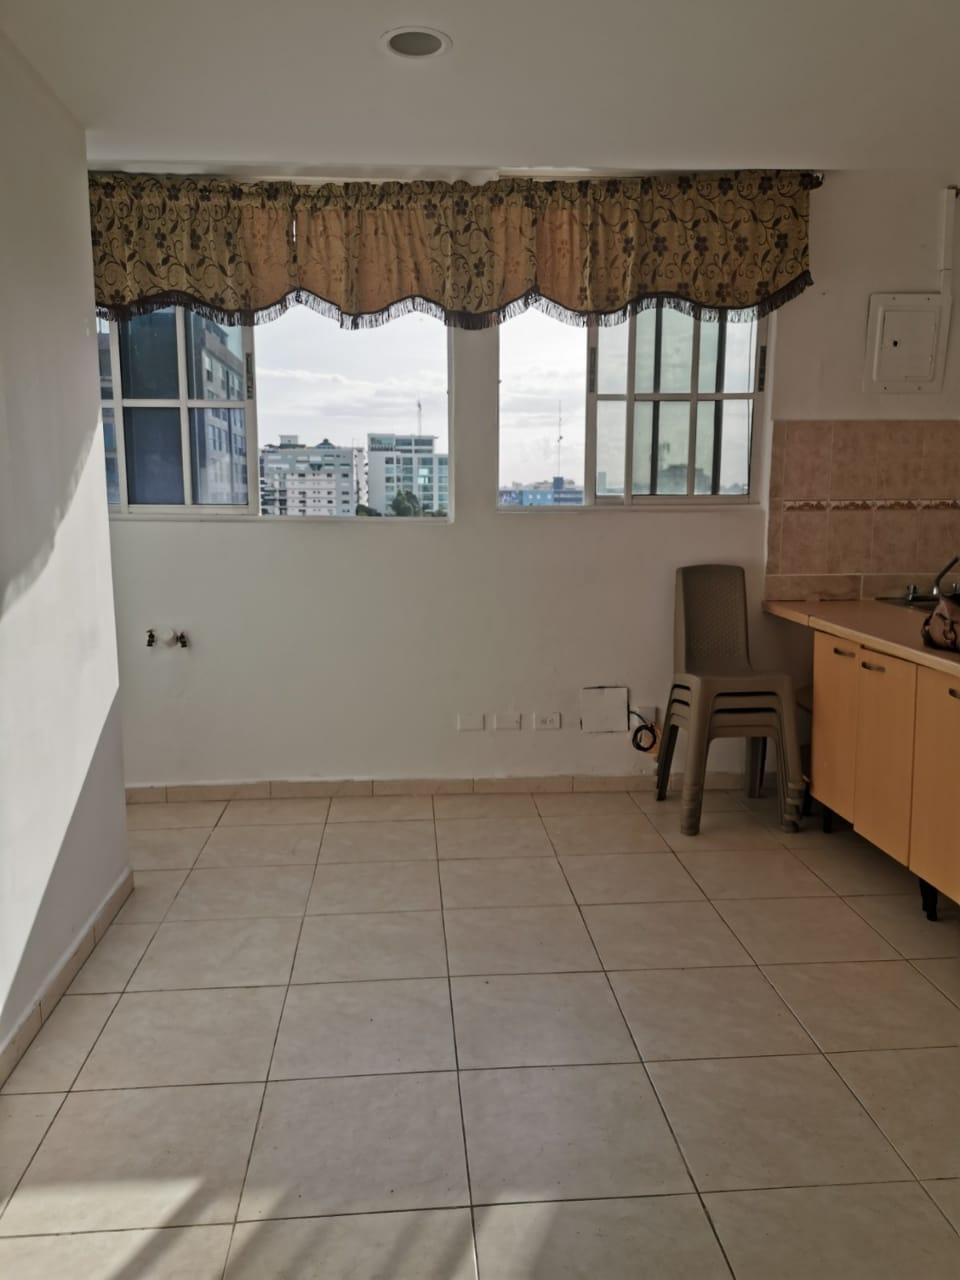 Apartamento en venta en el sector BELLA VISTA precio RD$ 3,800,000.00 RD$3,800,000